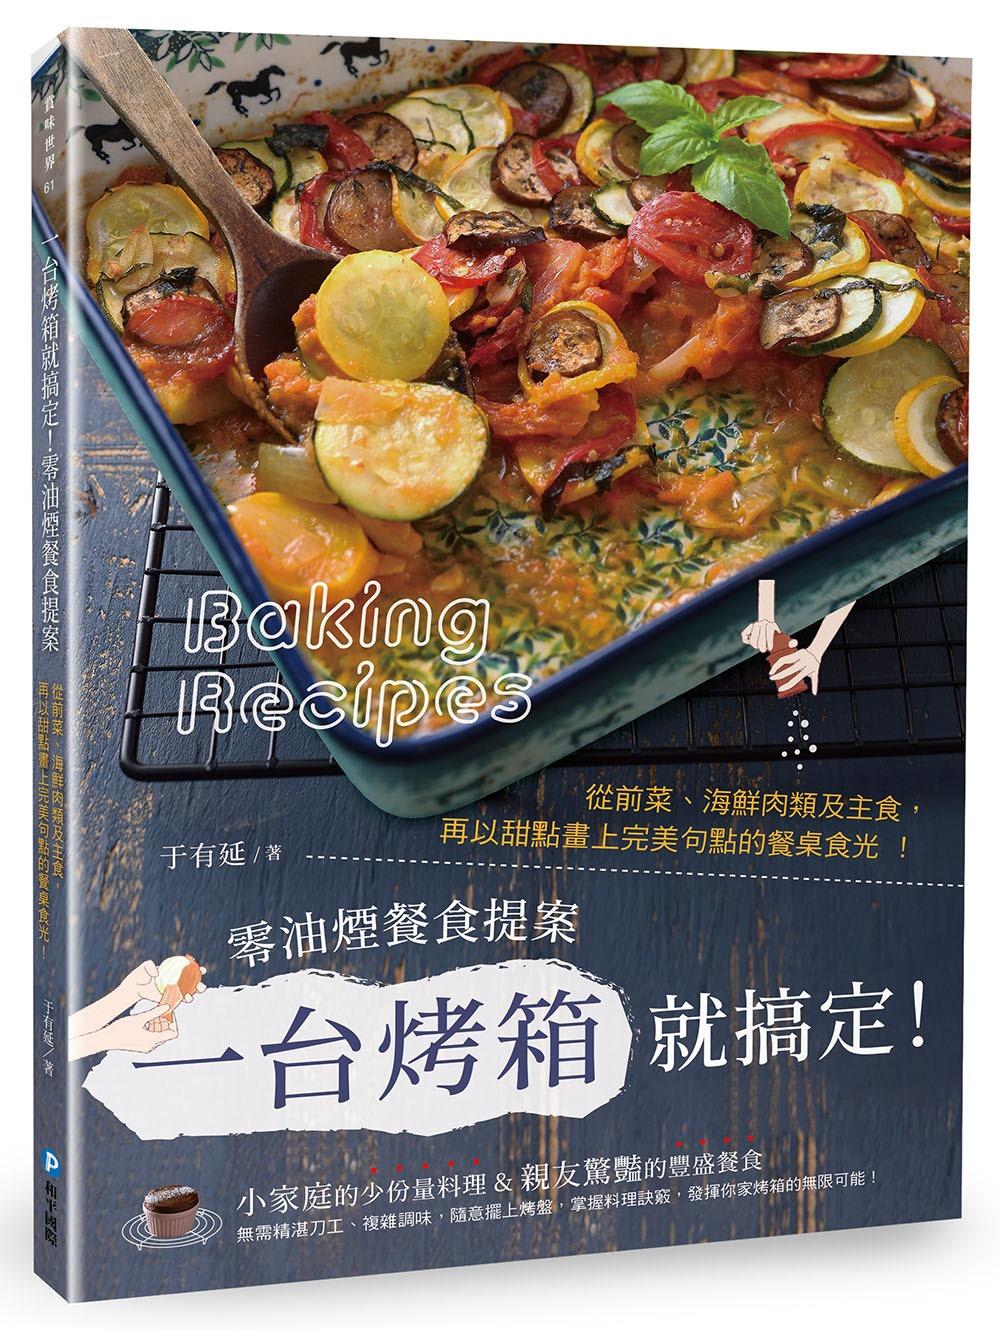 一台烤箱就搞定!零油煙餐食提案:從前菜、海鮮肉類及主食,再以甜點畫上完美句點的餐桌食光!